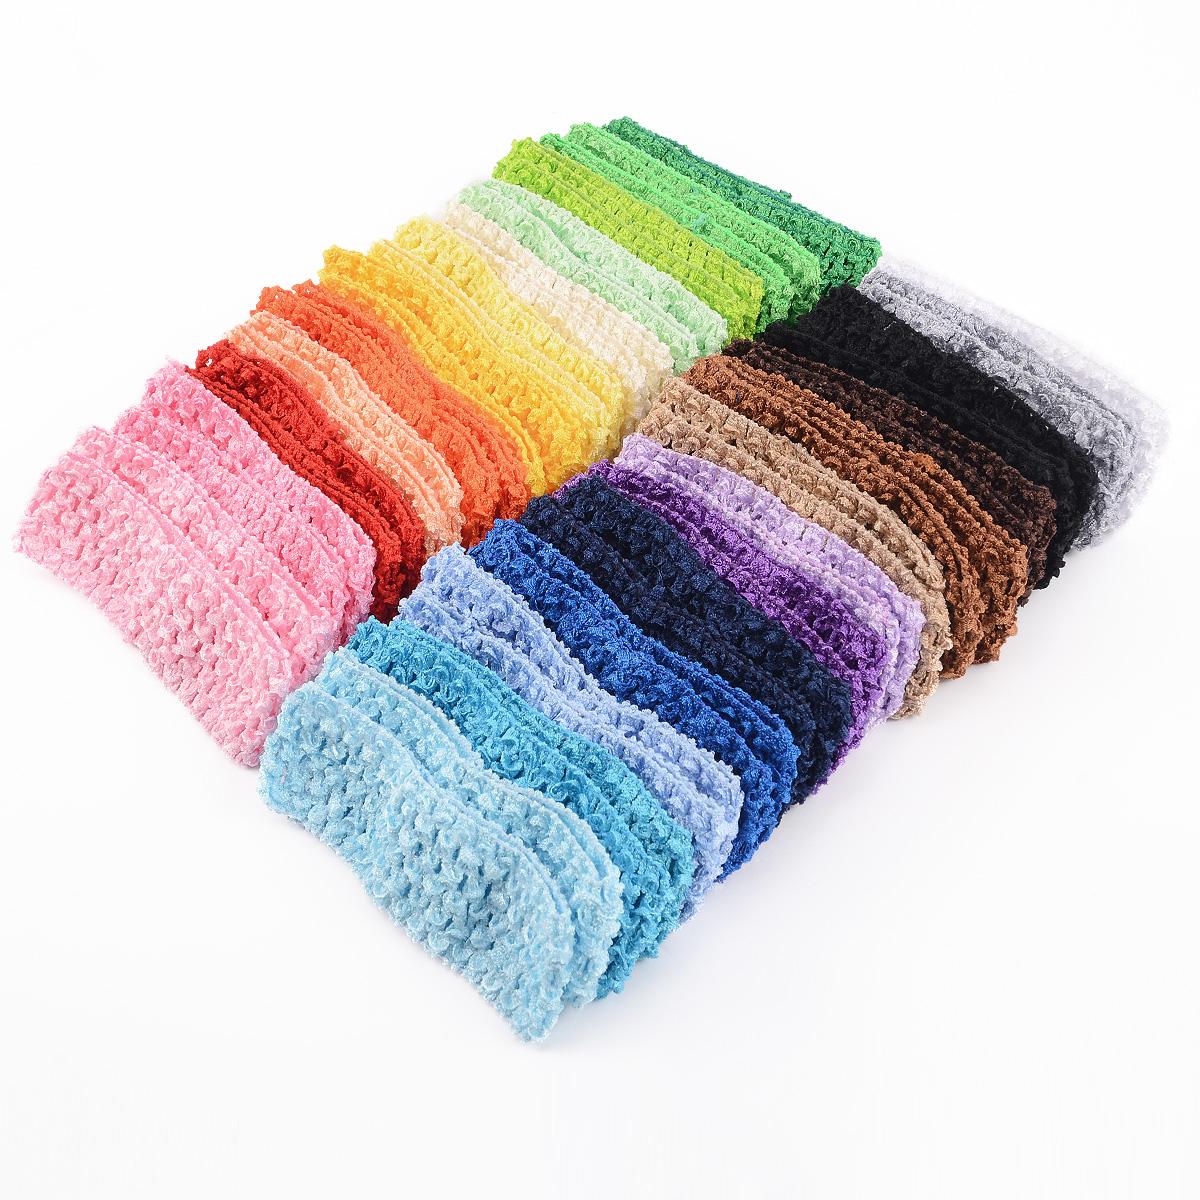 Crochet Pour Cheveux Crochet Braids Meches 3 Tapes Pour